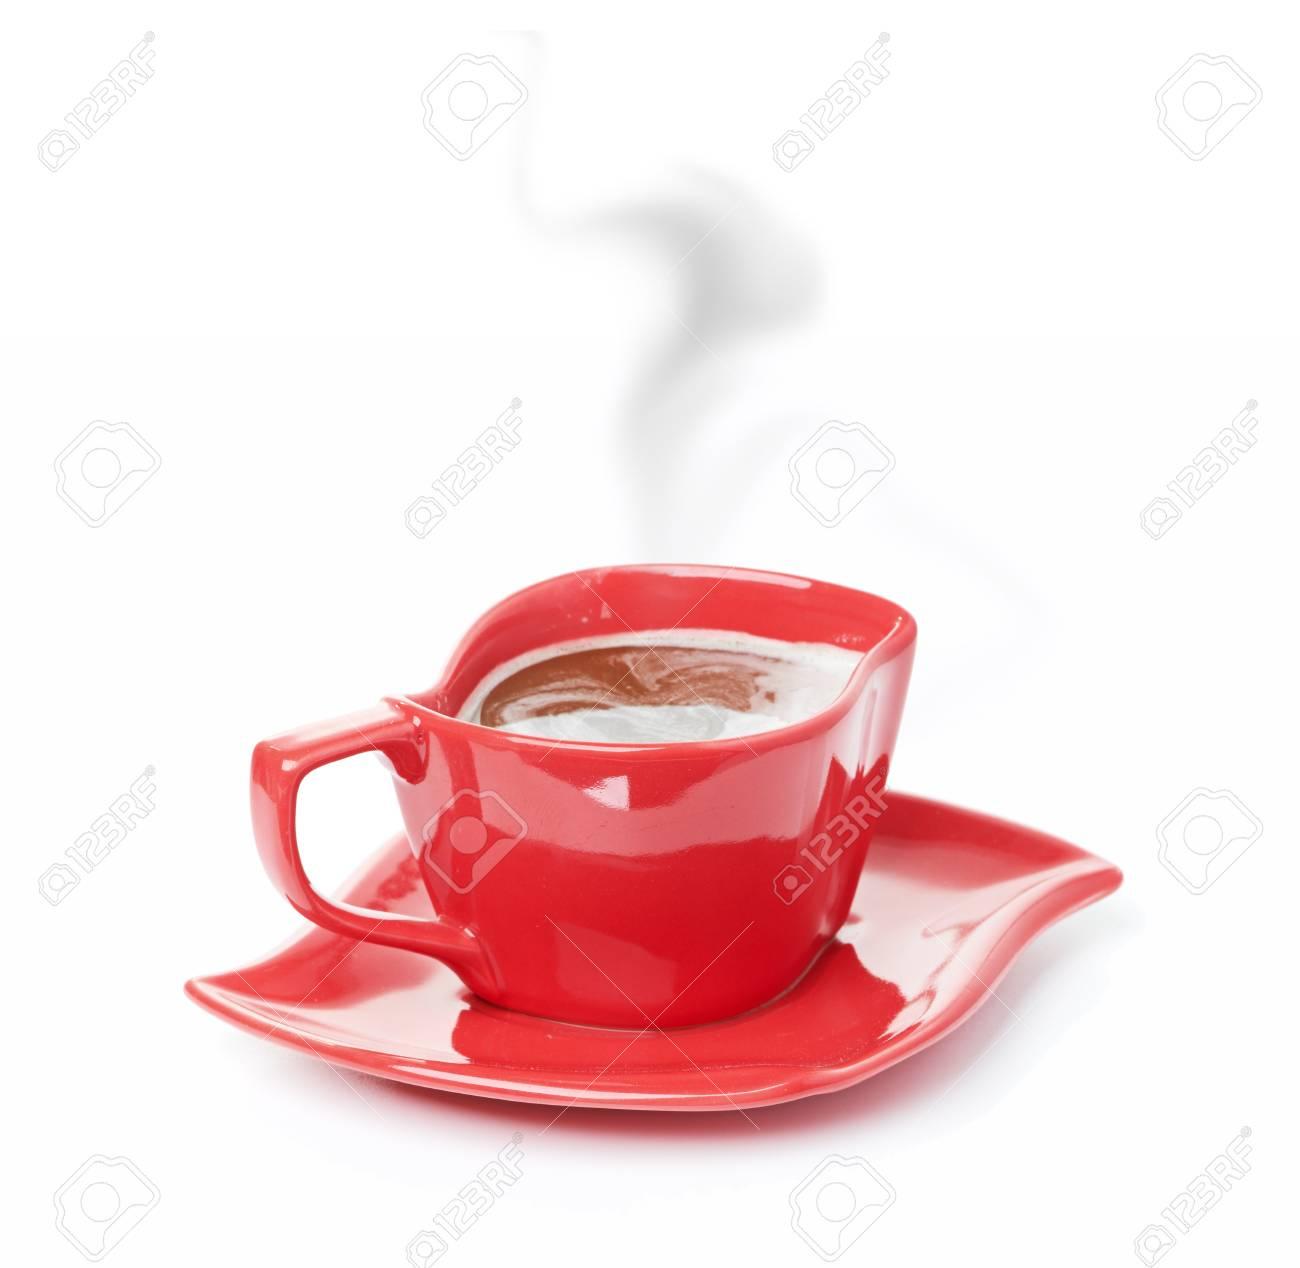 Immagini Stock Tazza Di Caffè Nero Sfondo Bianco Rosso Tazza Image